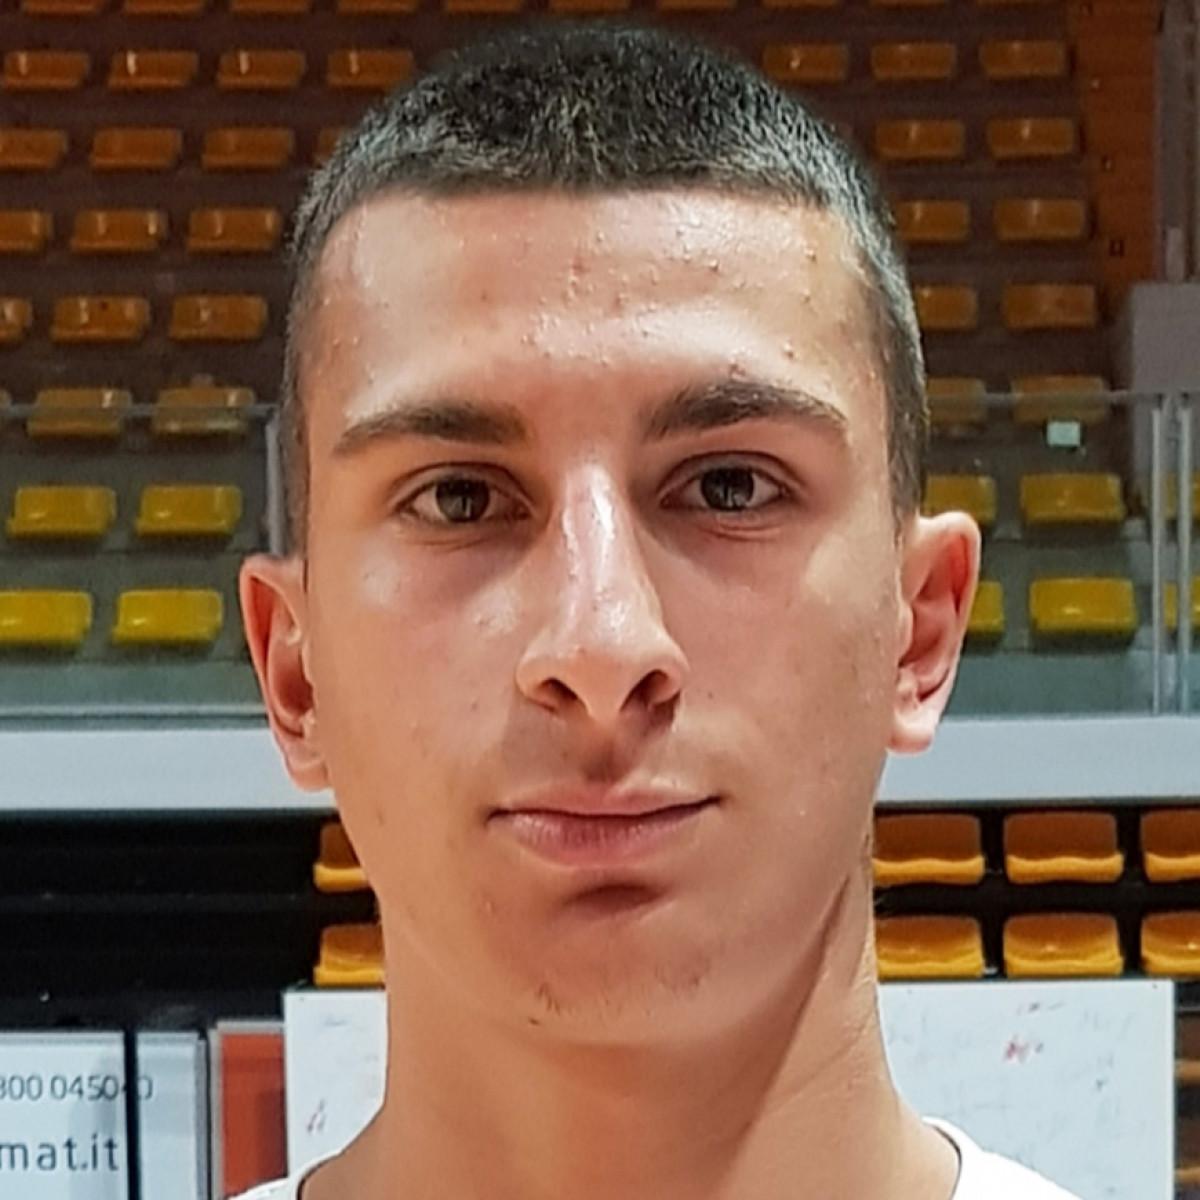 Giordano Bortolani